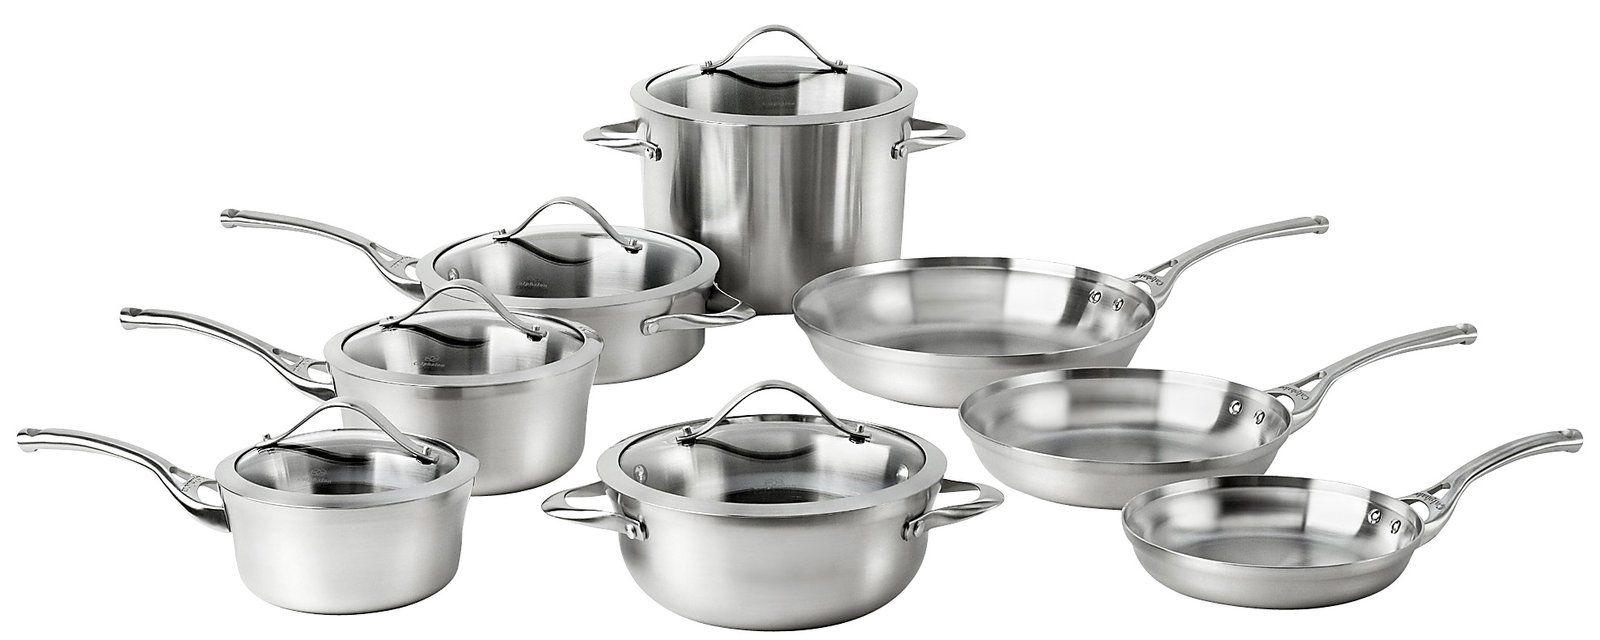 Calphalon Contemporary Cookware Set 13pc   Free Shipping